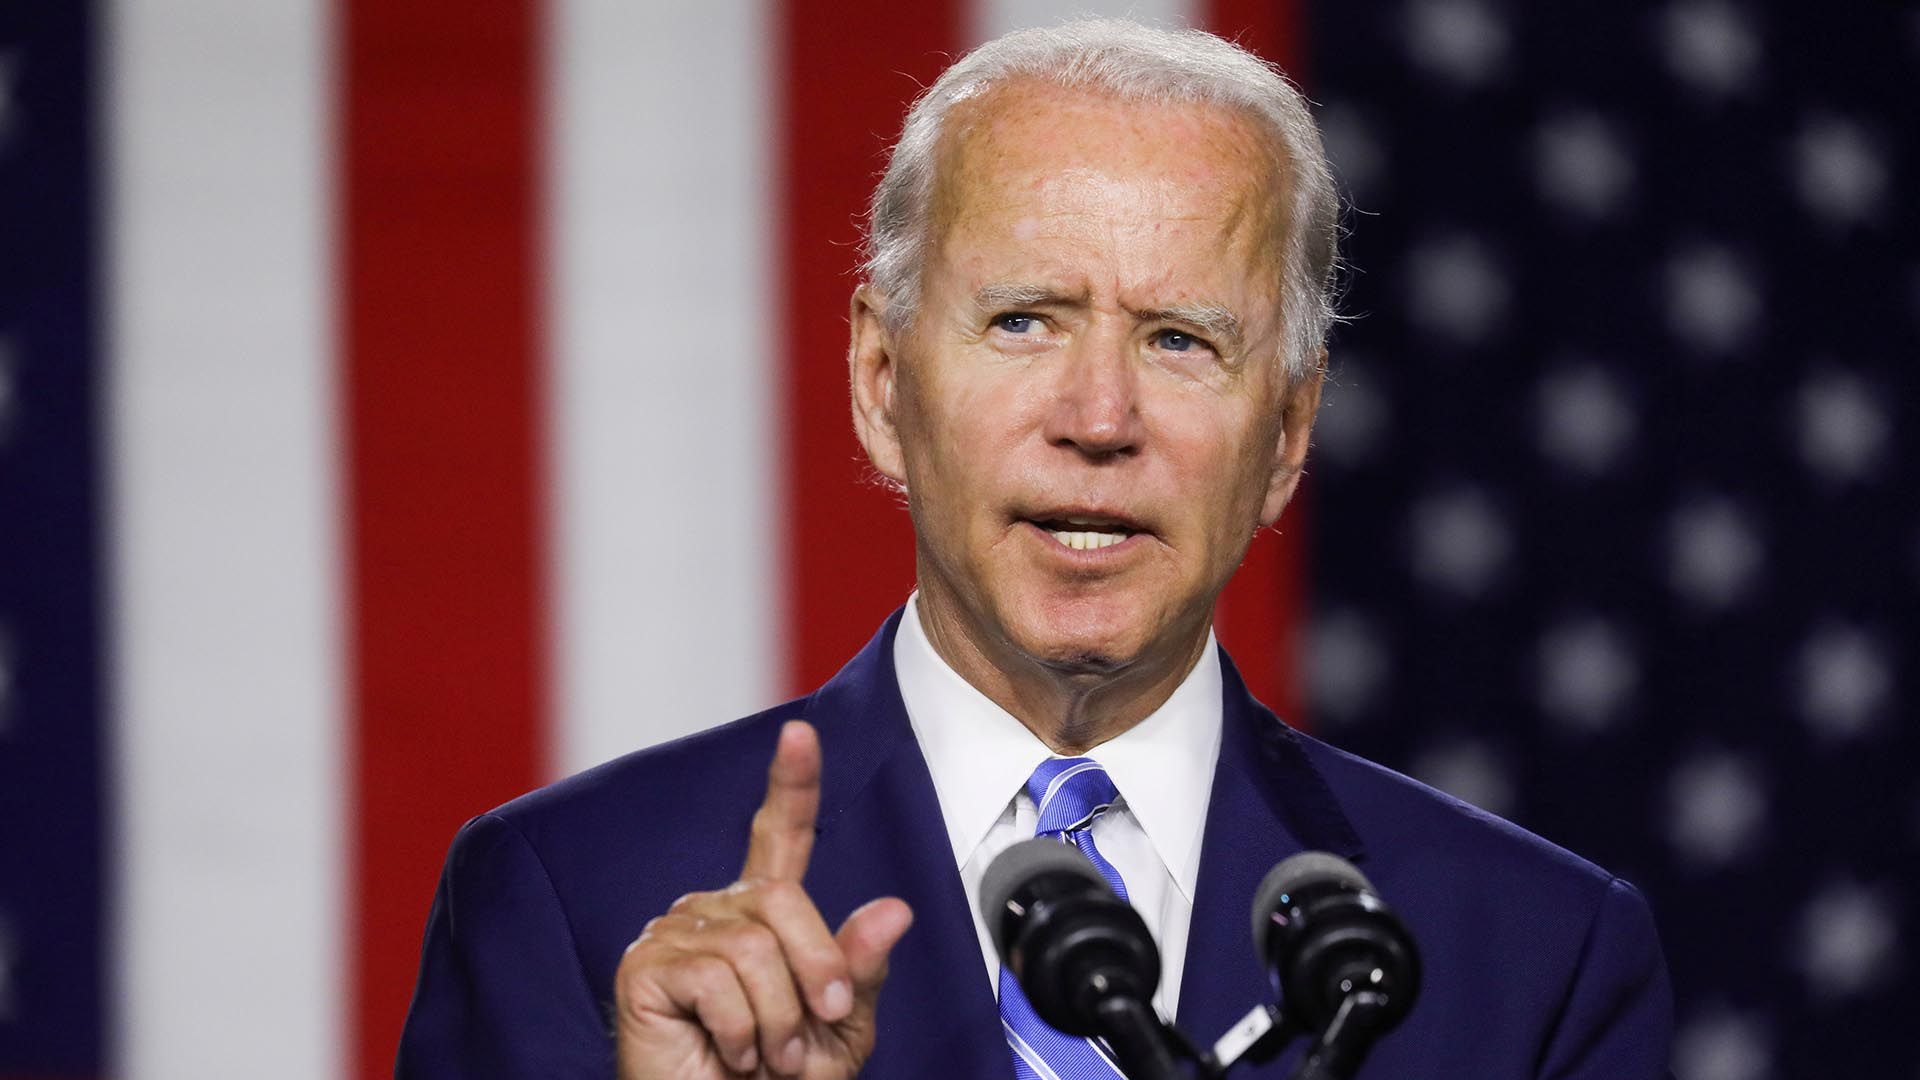 FOTO DE ARCHIVO El candidato presidencial demócrata de Estados Unidos, Biden, habla en un evento de campaña en Wilmington, Delaware.